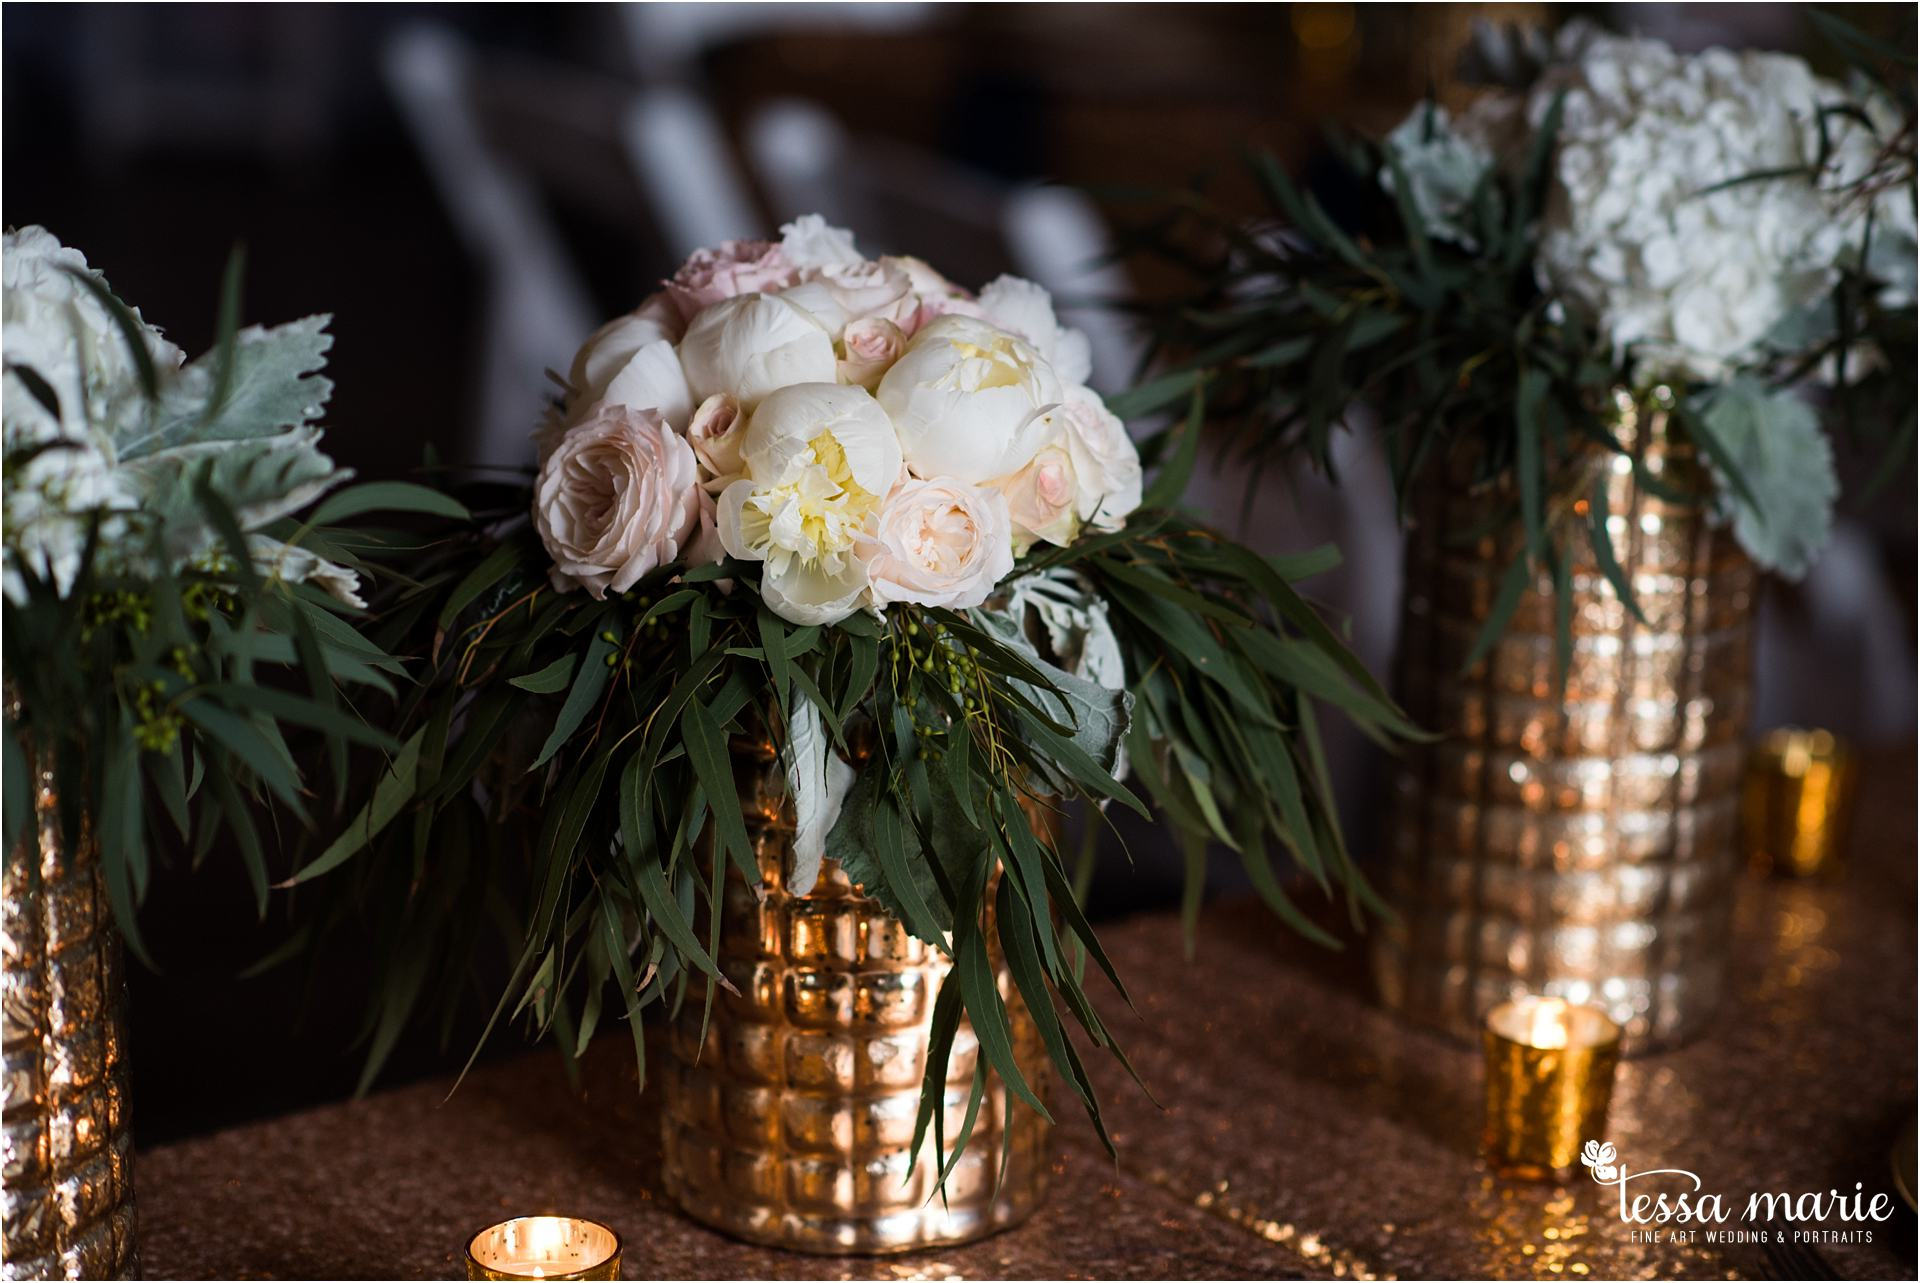 032216_brittany_kevin_wedding-150